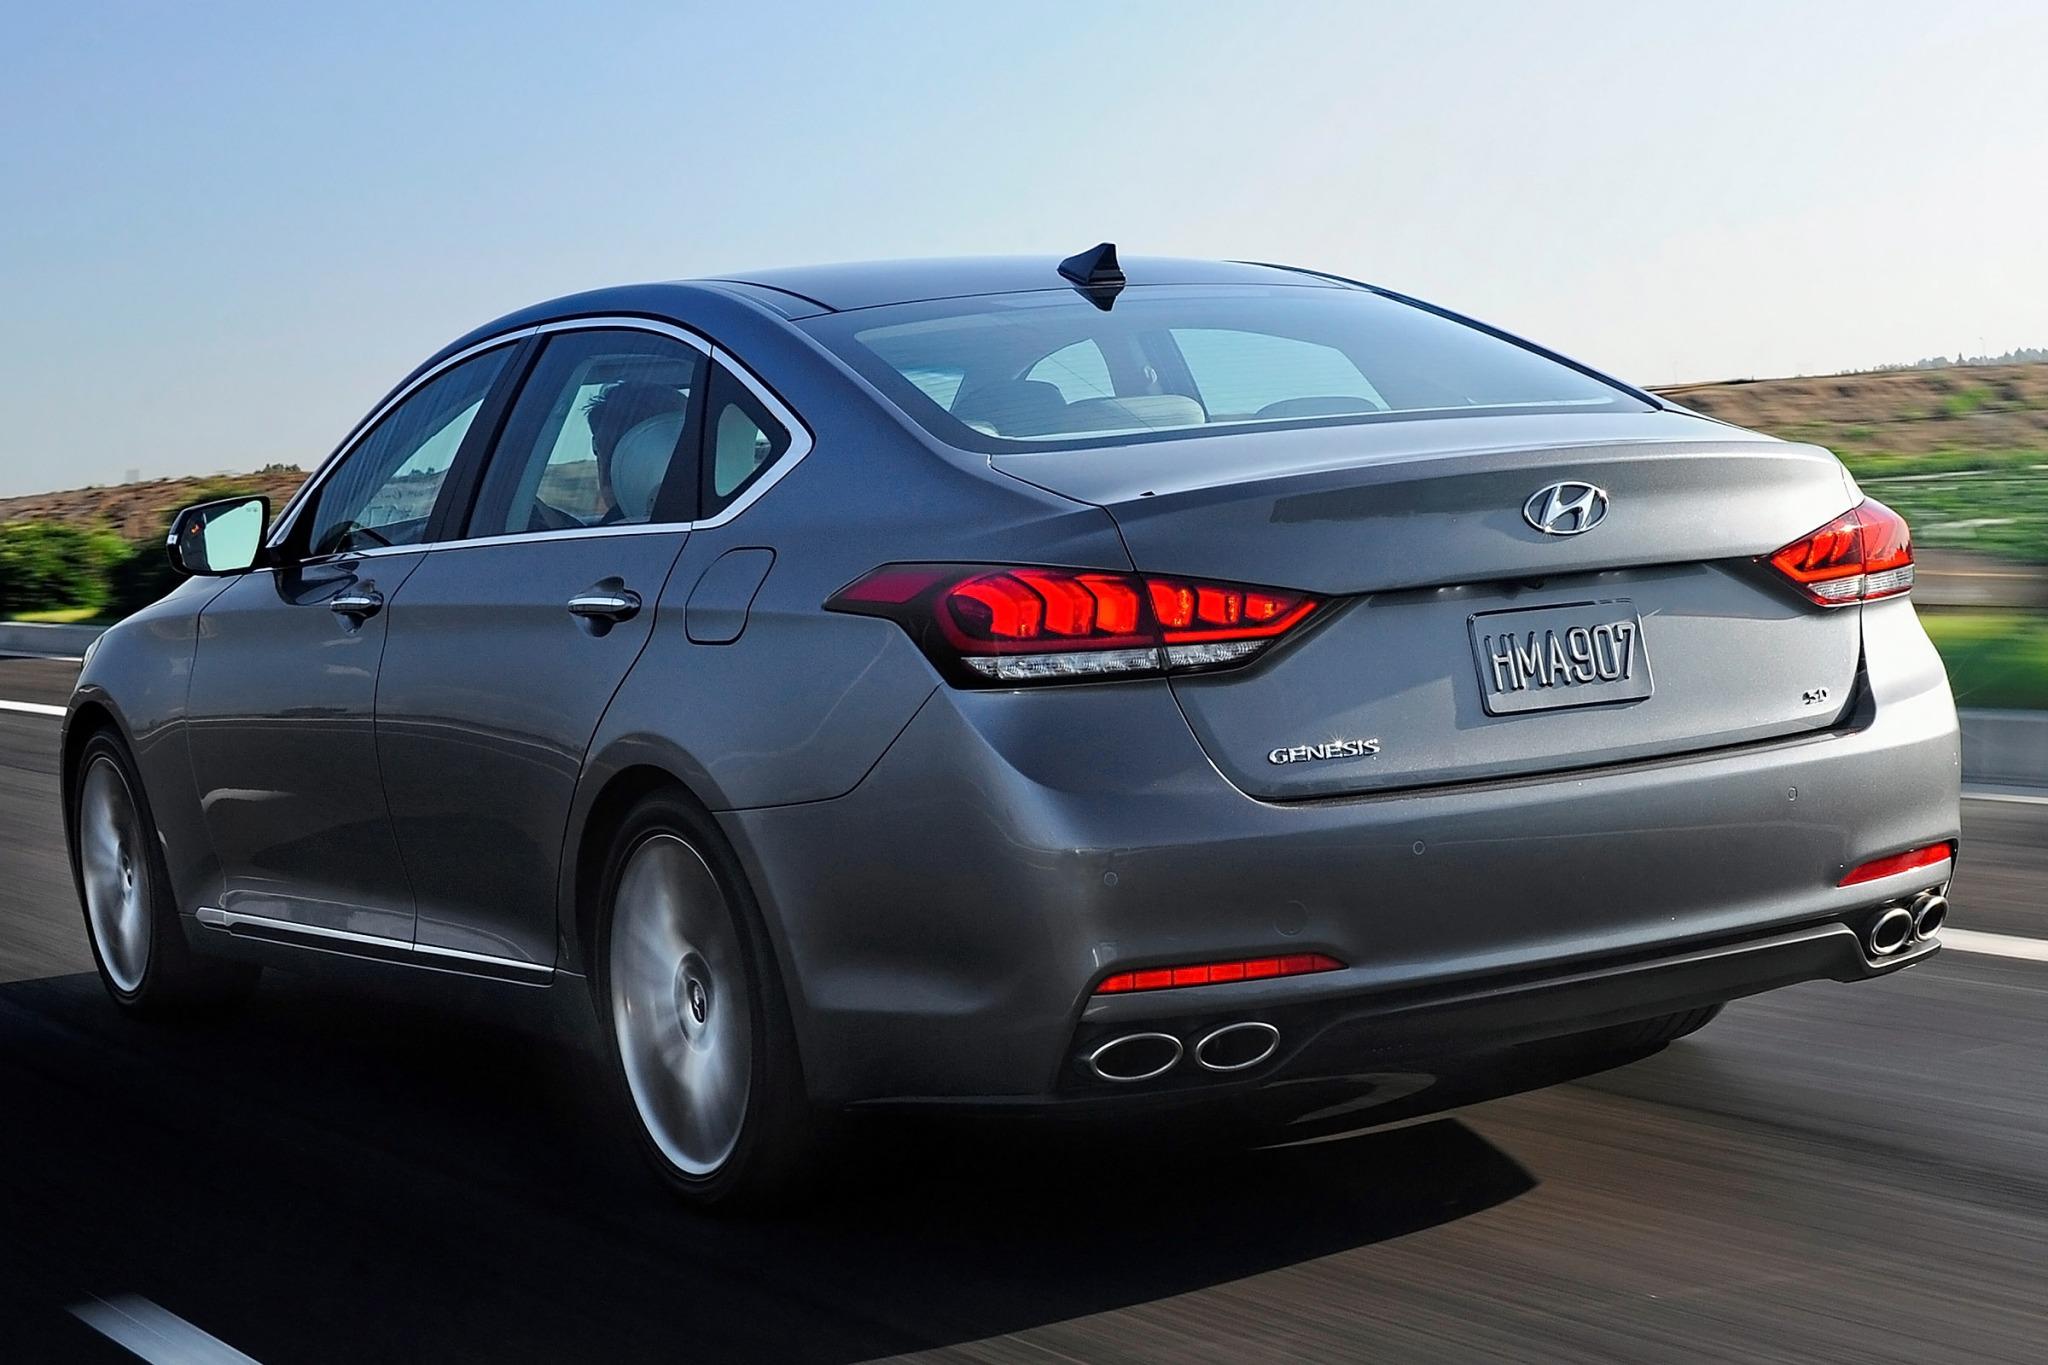 2015 Hyundai Genesis Image 7